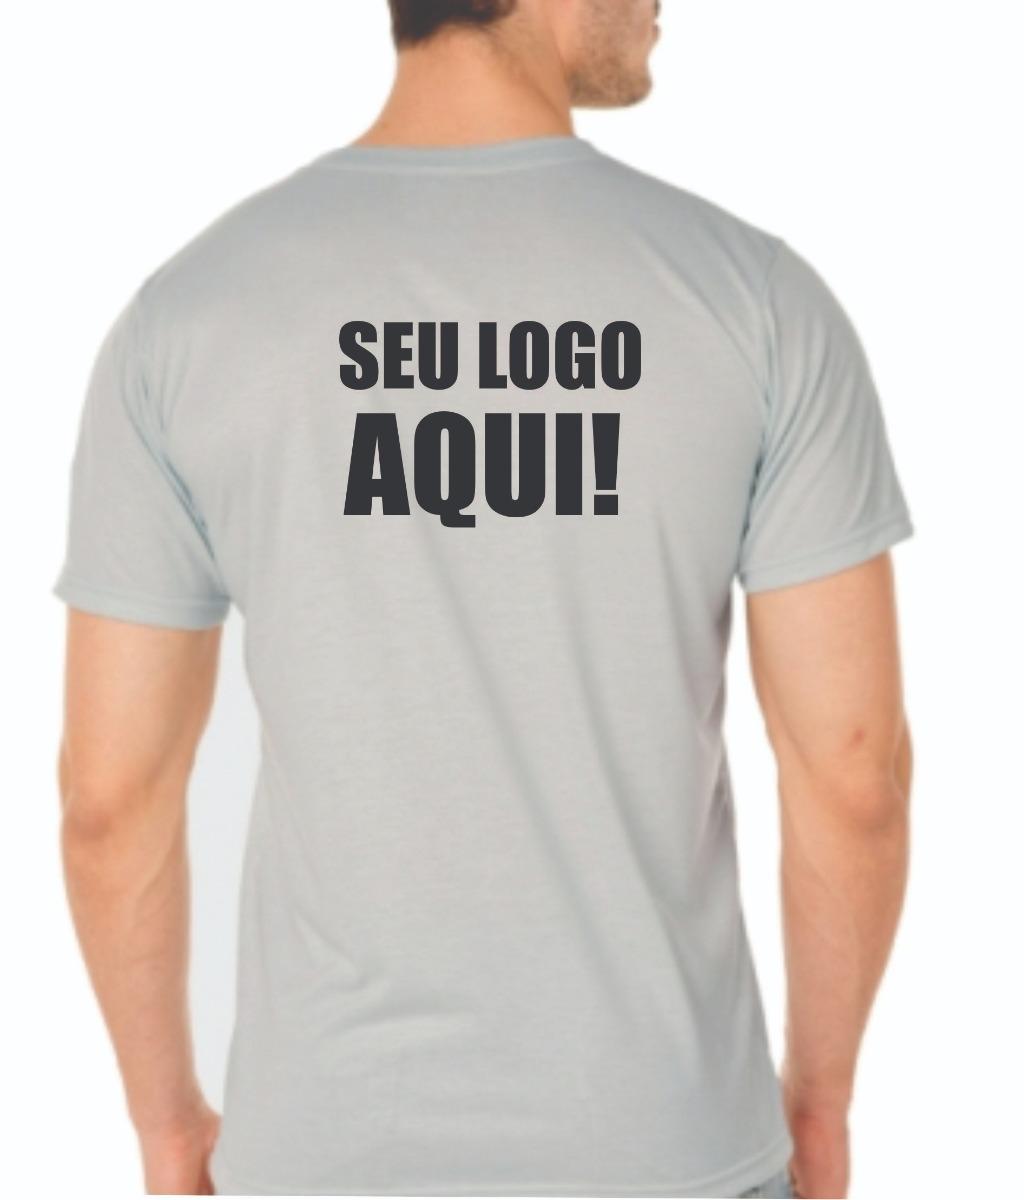 11eee9d82b camisetas uniformes para empresas com seu logo. Carregando zoom.